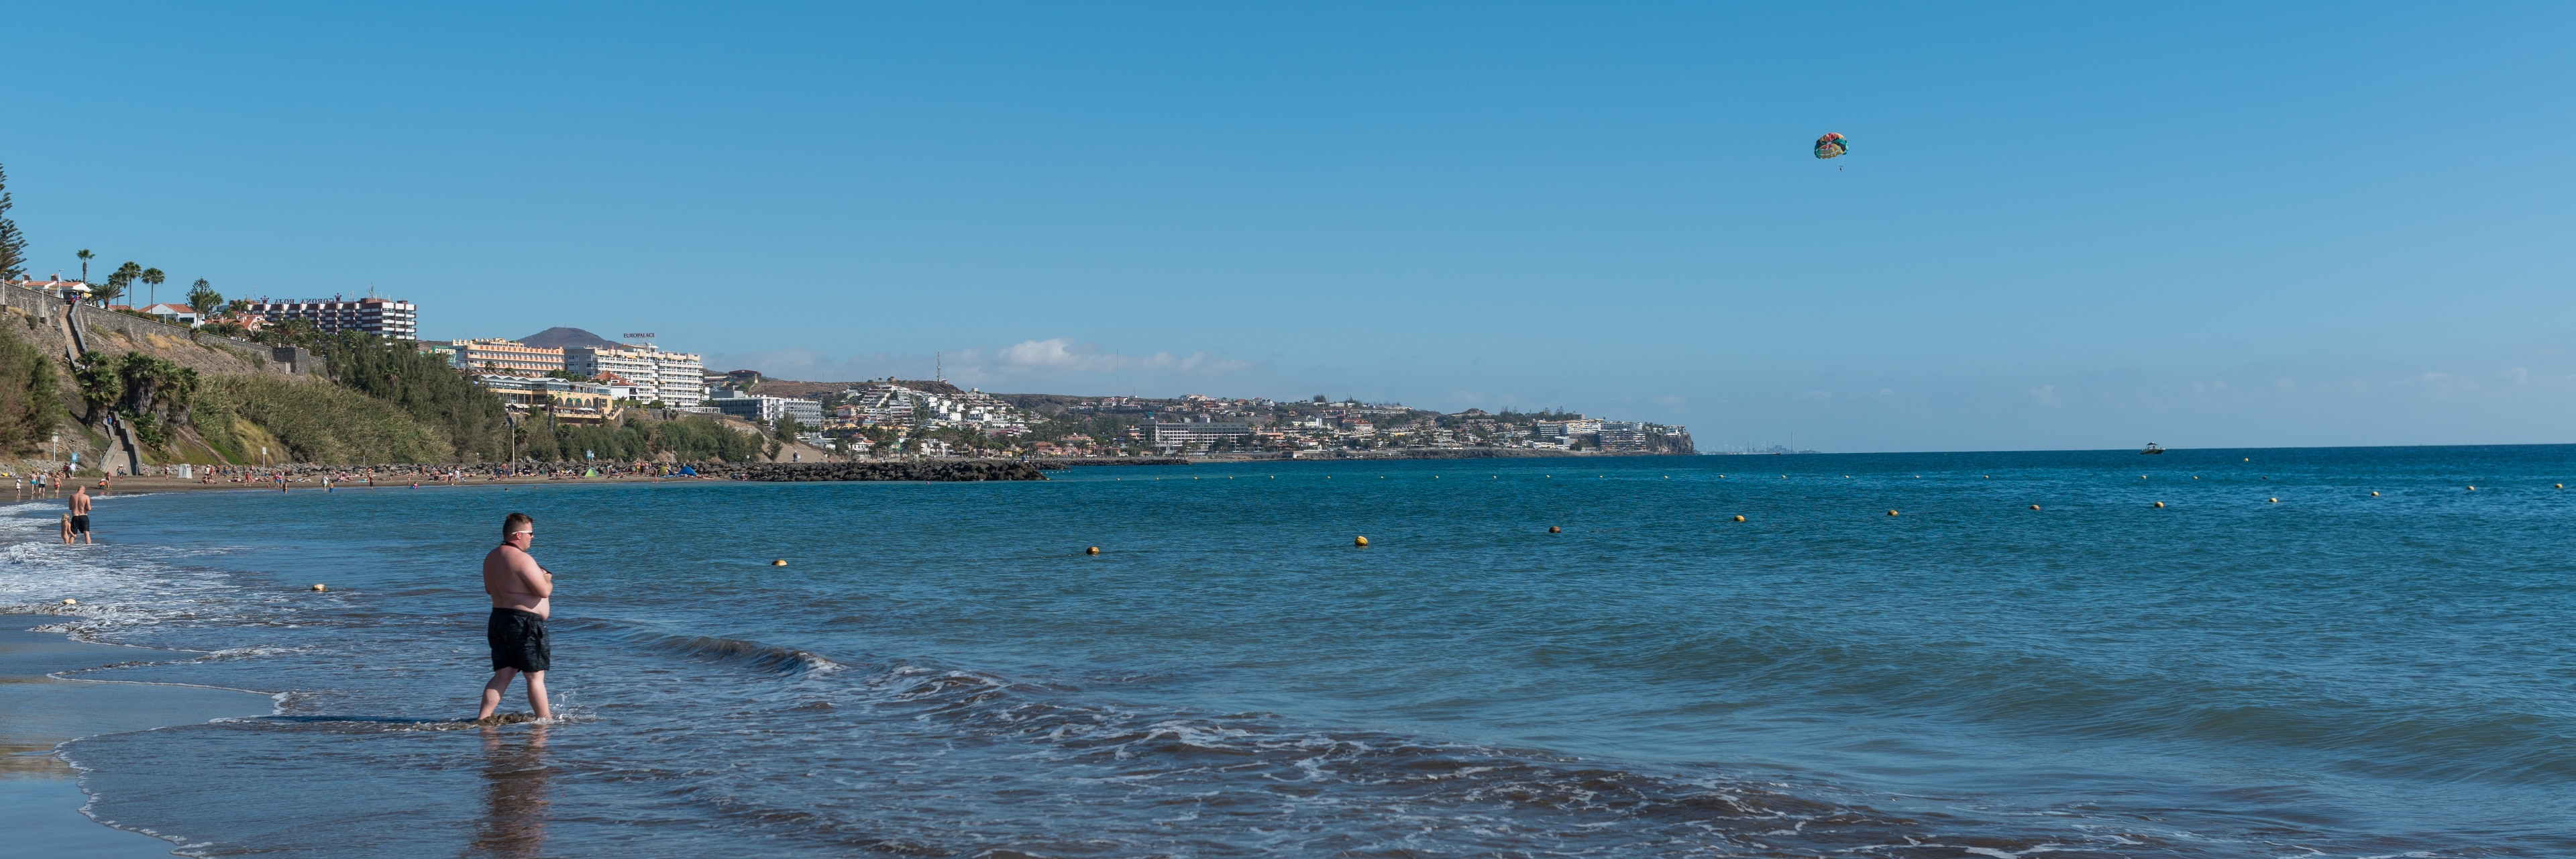 English Beach, San Bartolome de Tirajana, Canary Islands, Spain